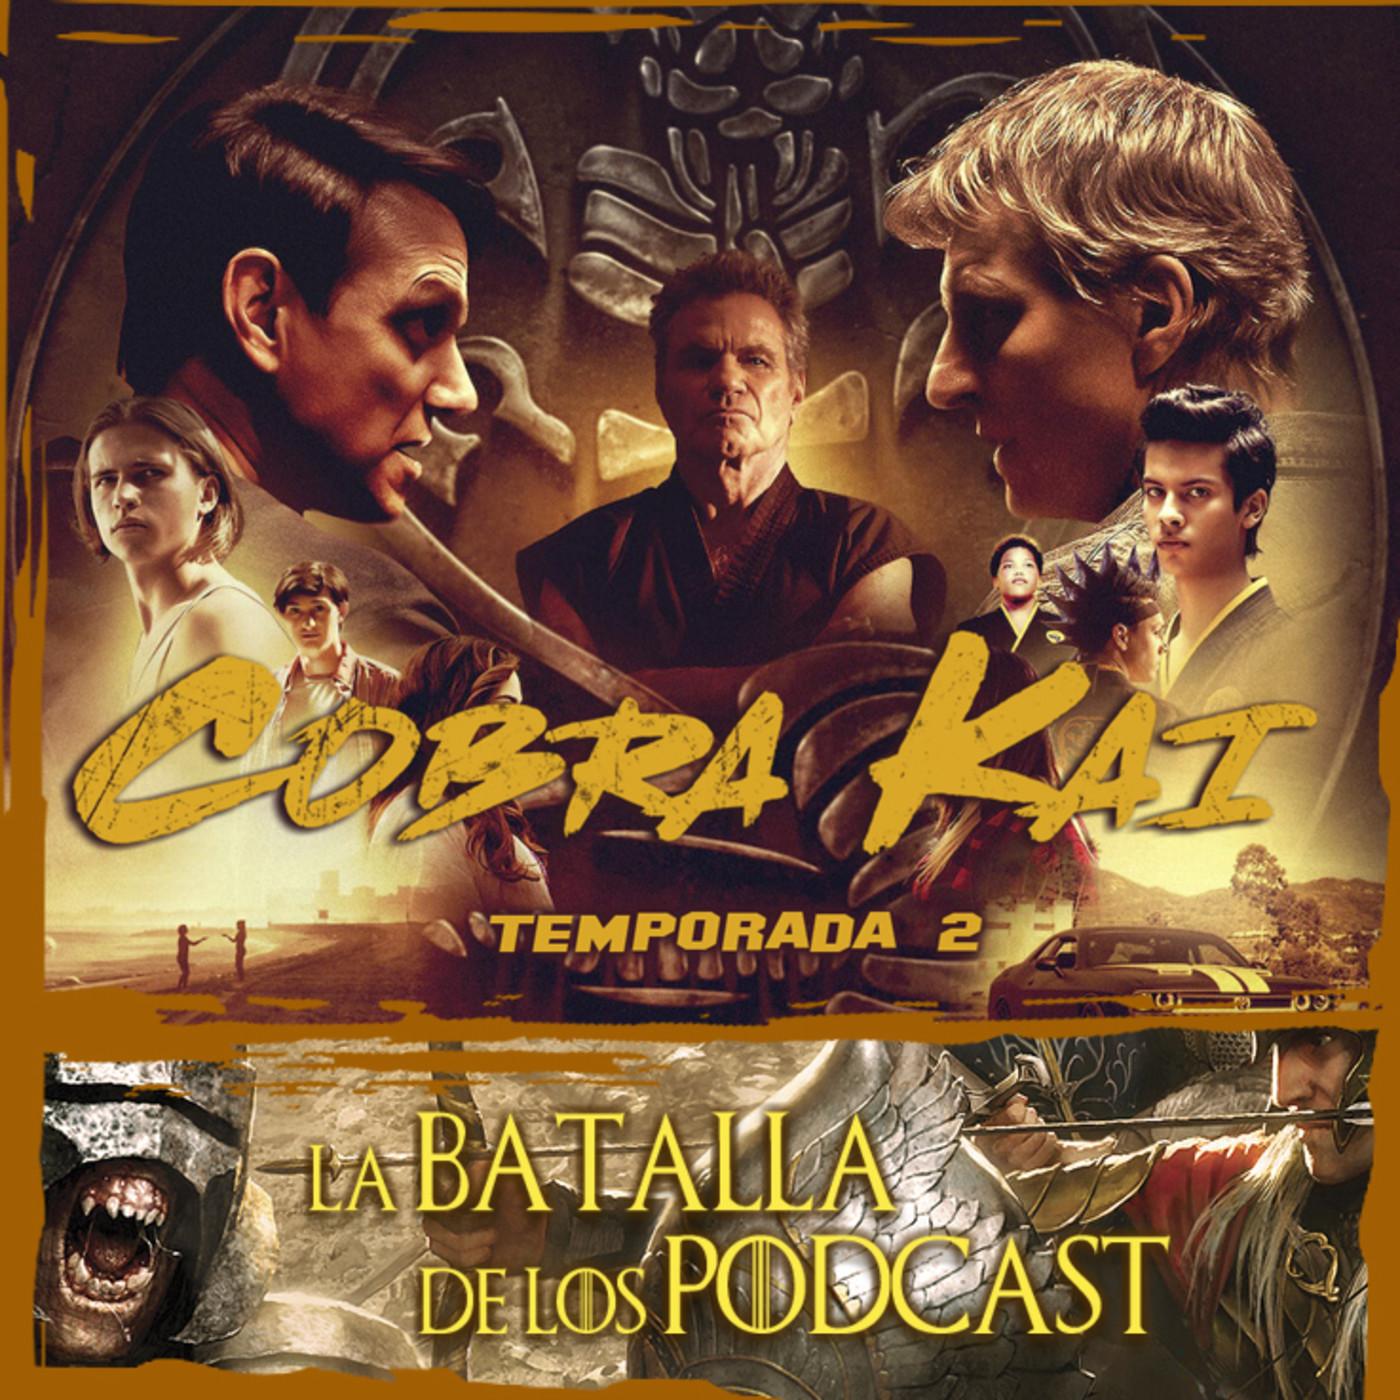 LODE 11x05 – COBRA KAI temporada 2, La Batalla de los Podcast